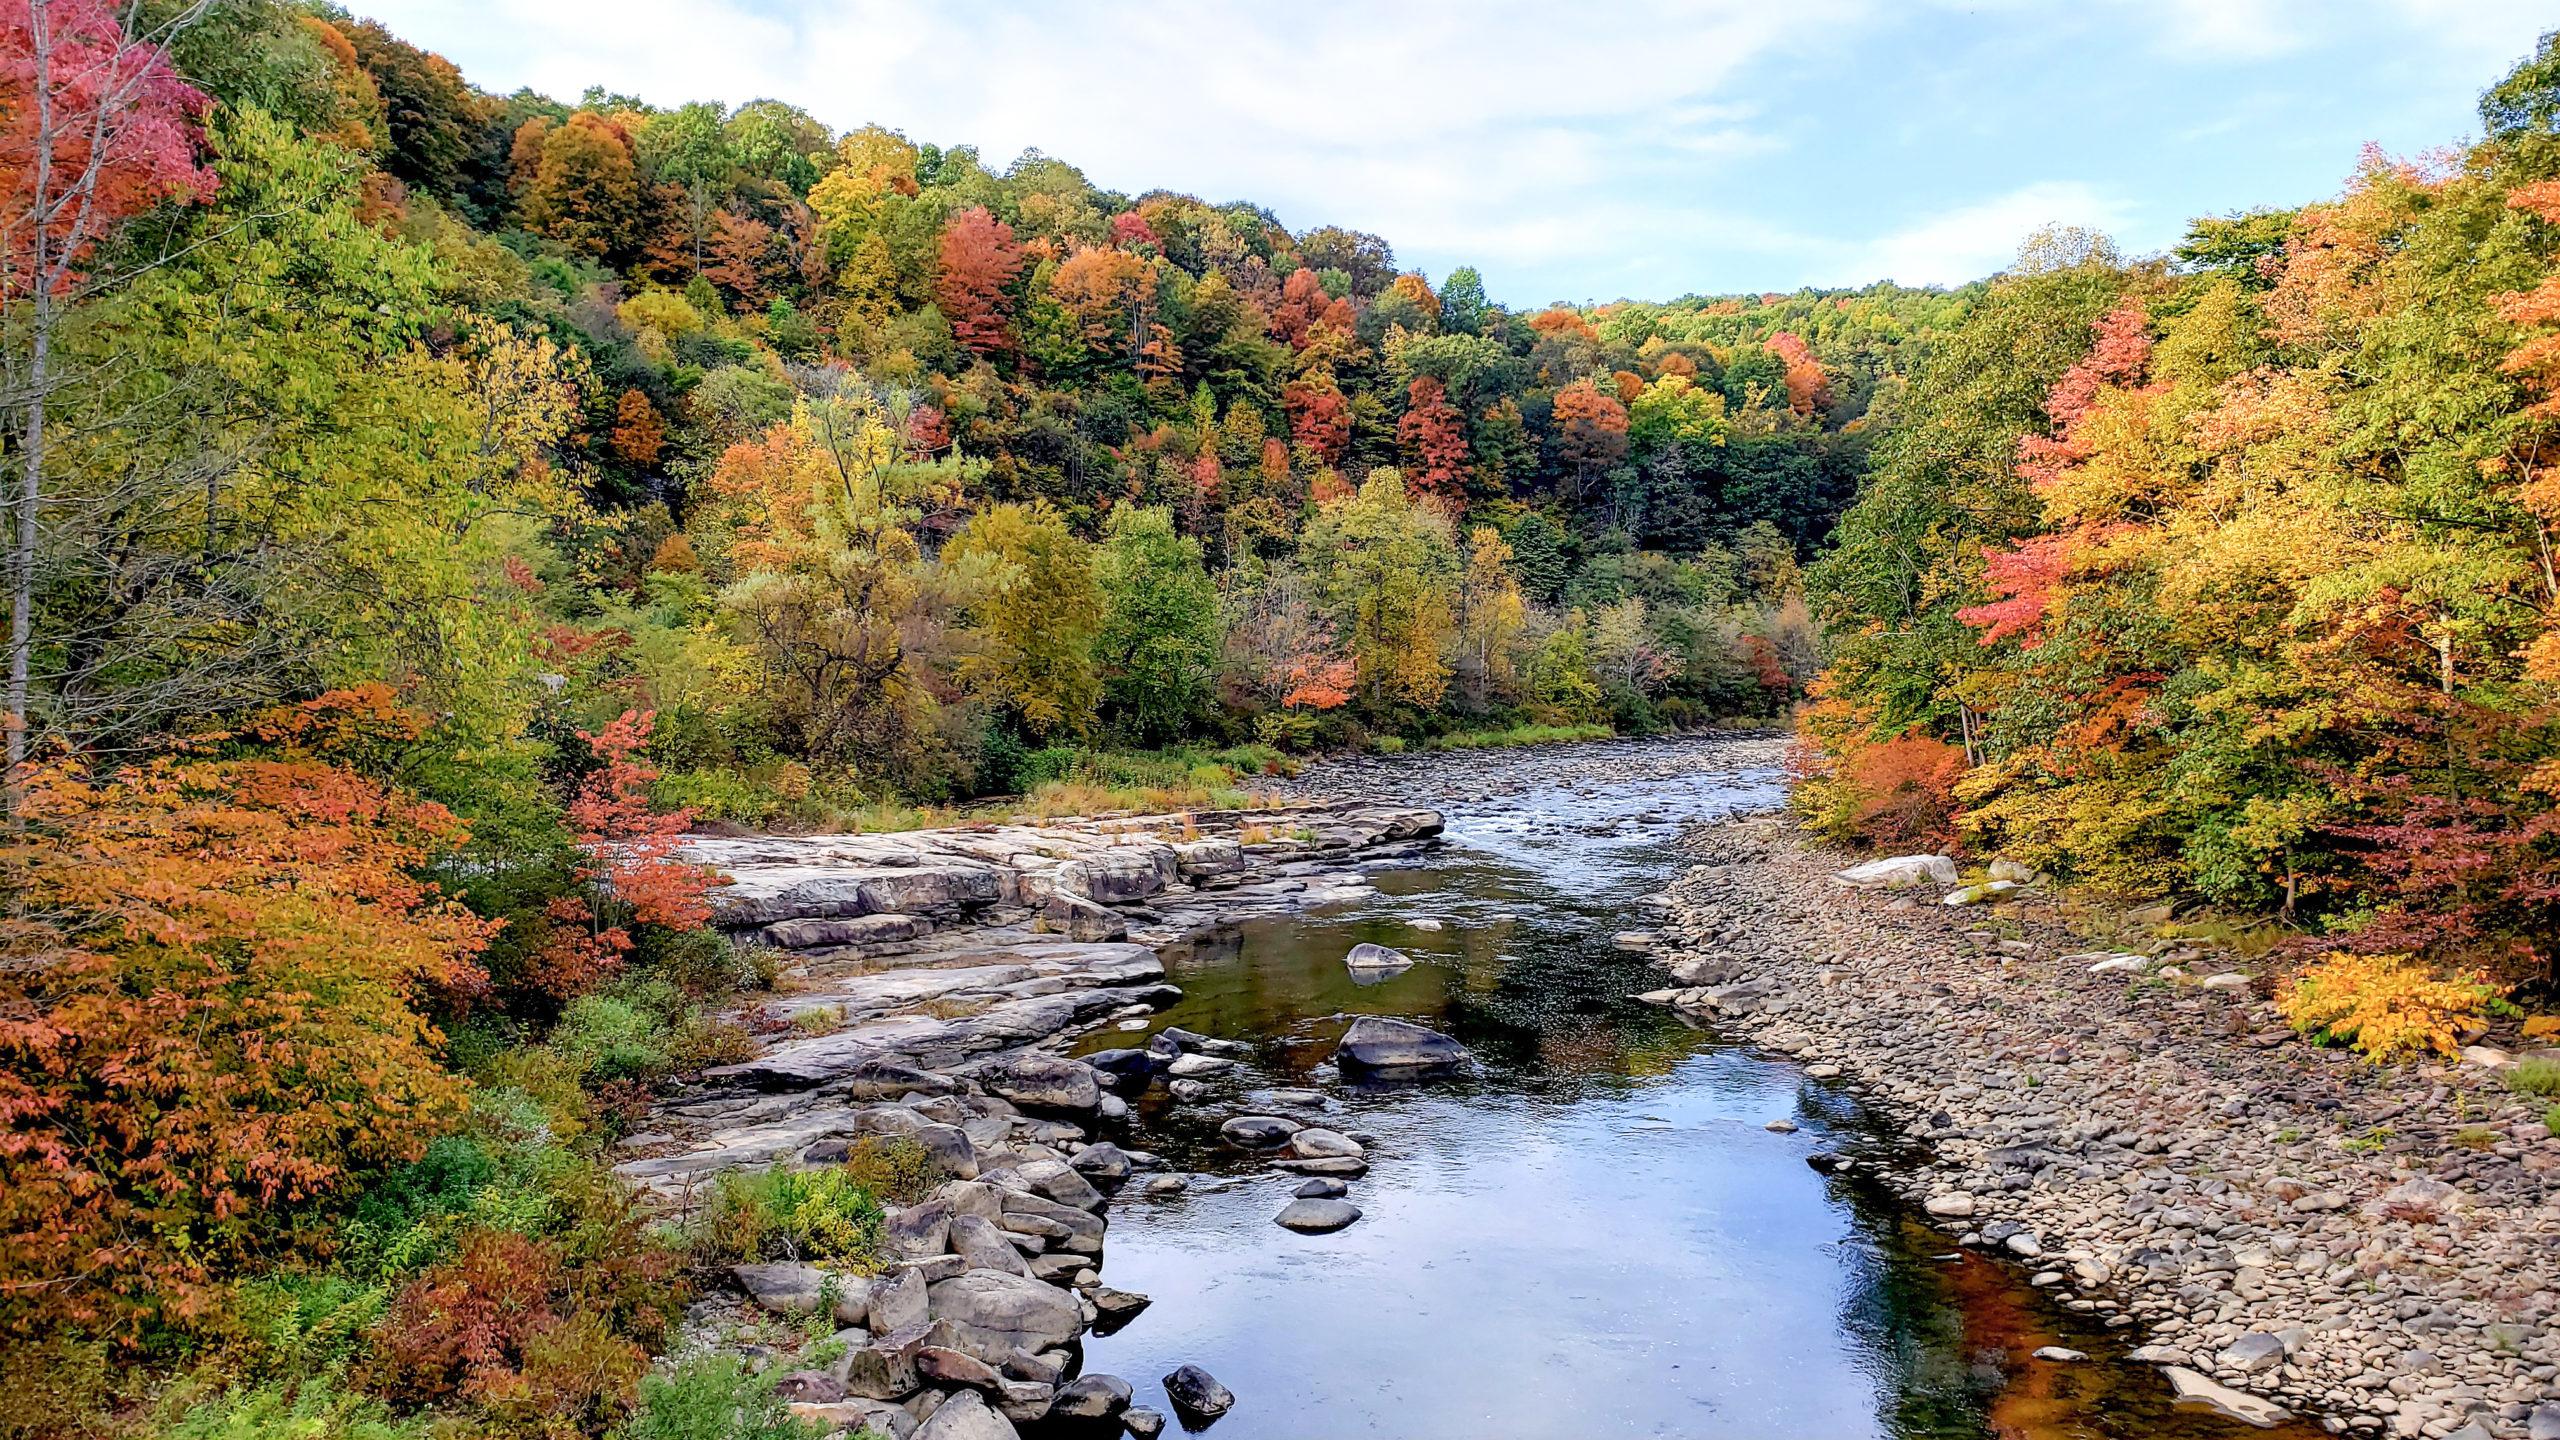 Casselman River at the Pinkerton Horn